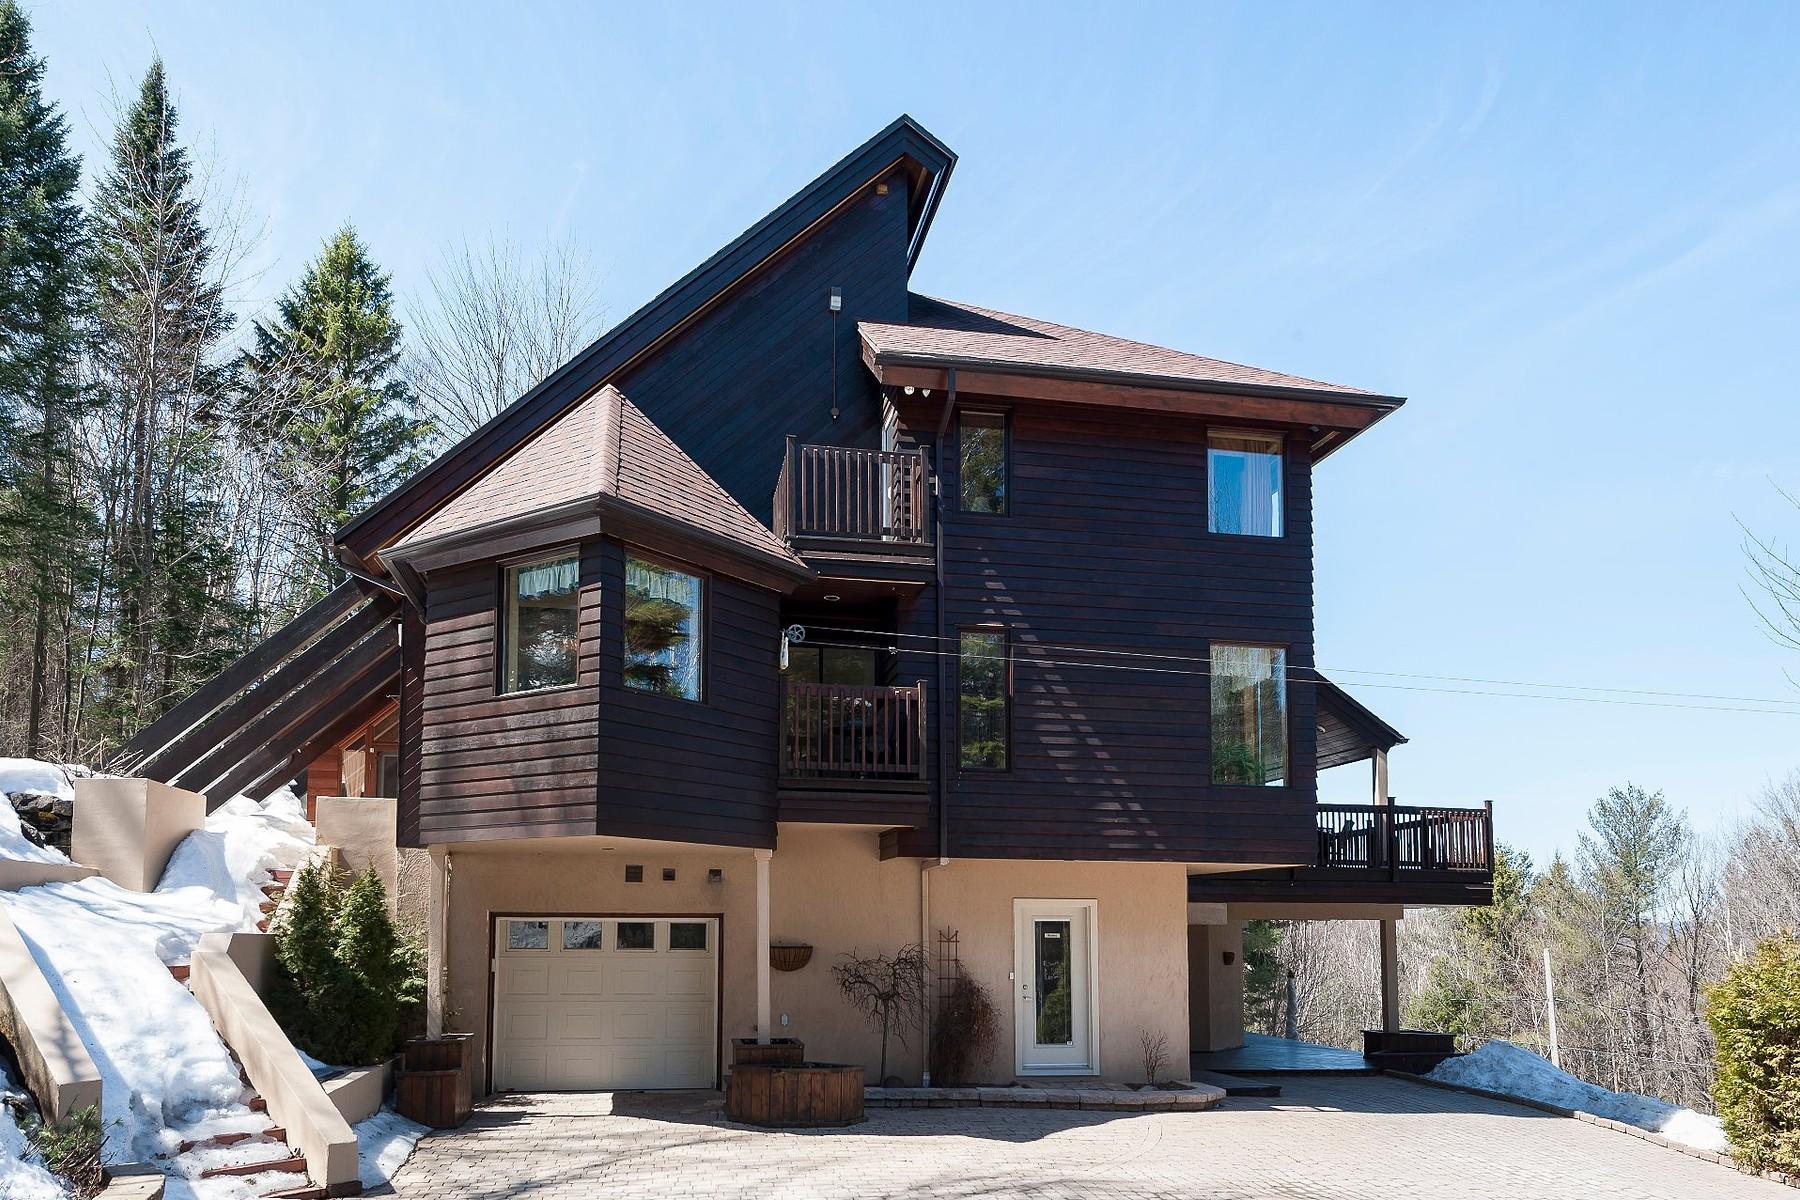 Single Family Home for Sale at Sainte-Anne-des-Lacs, Laurentides 31 Ch. des Alouettes Sainte-Anne-Des-Lacs, Quebec, J0R1B0 Canada